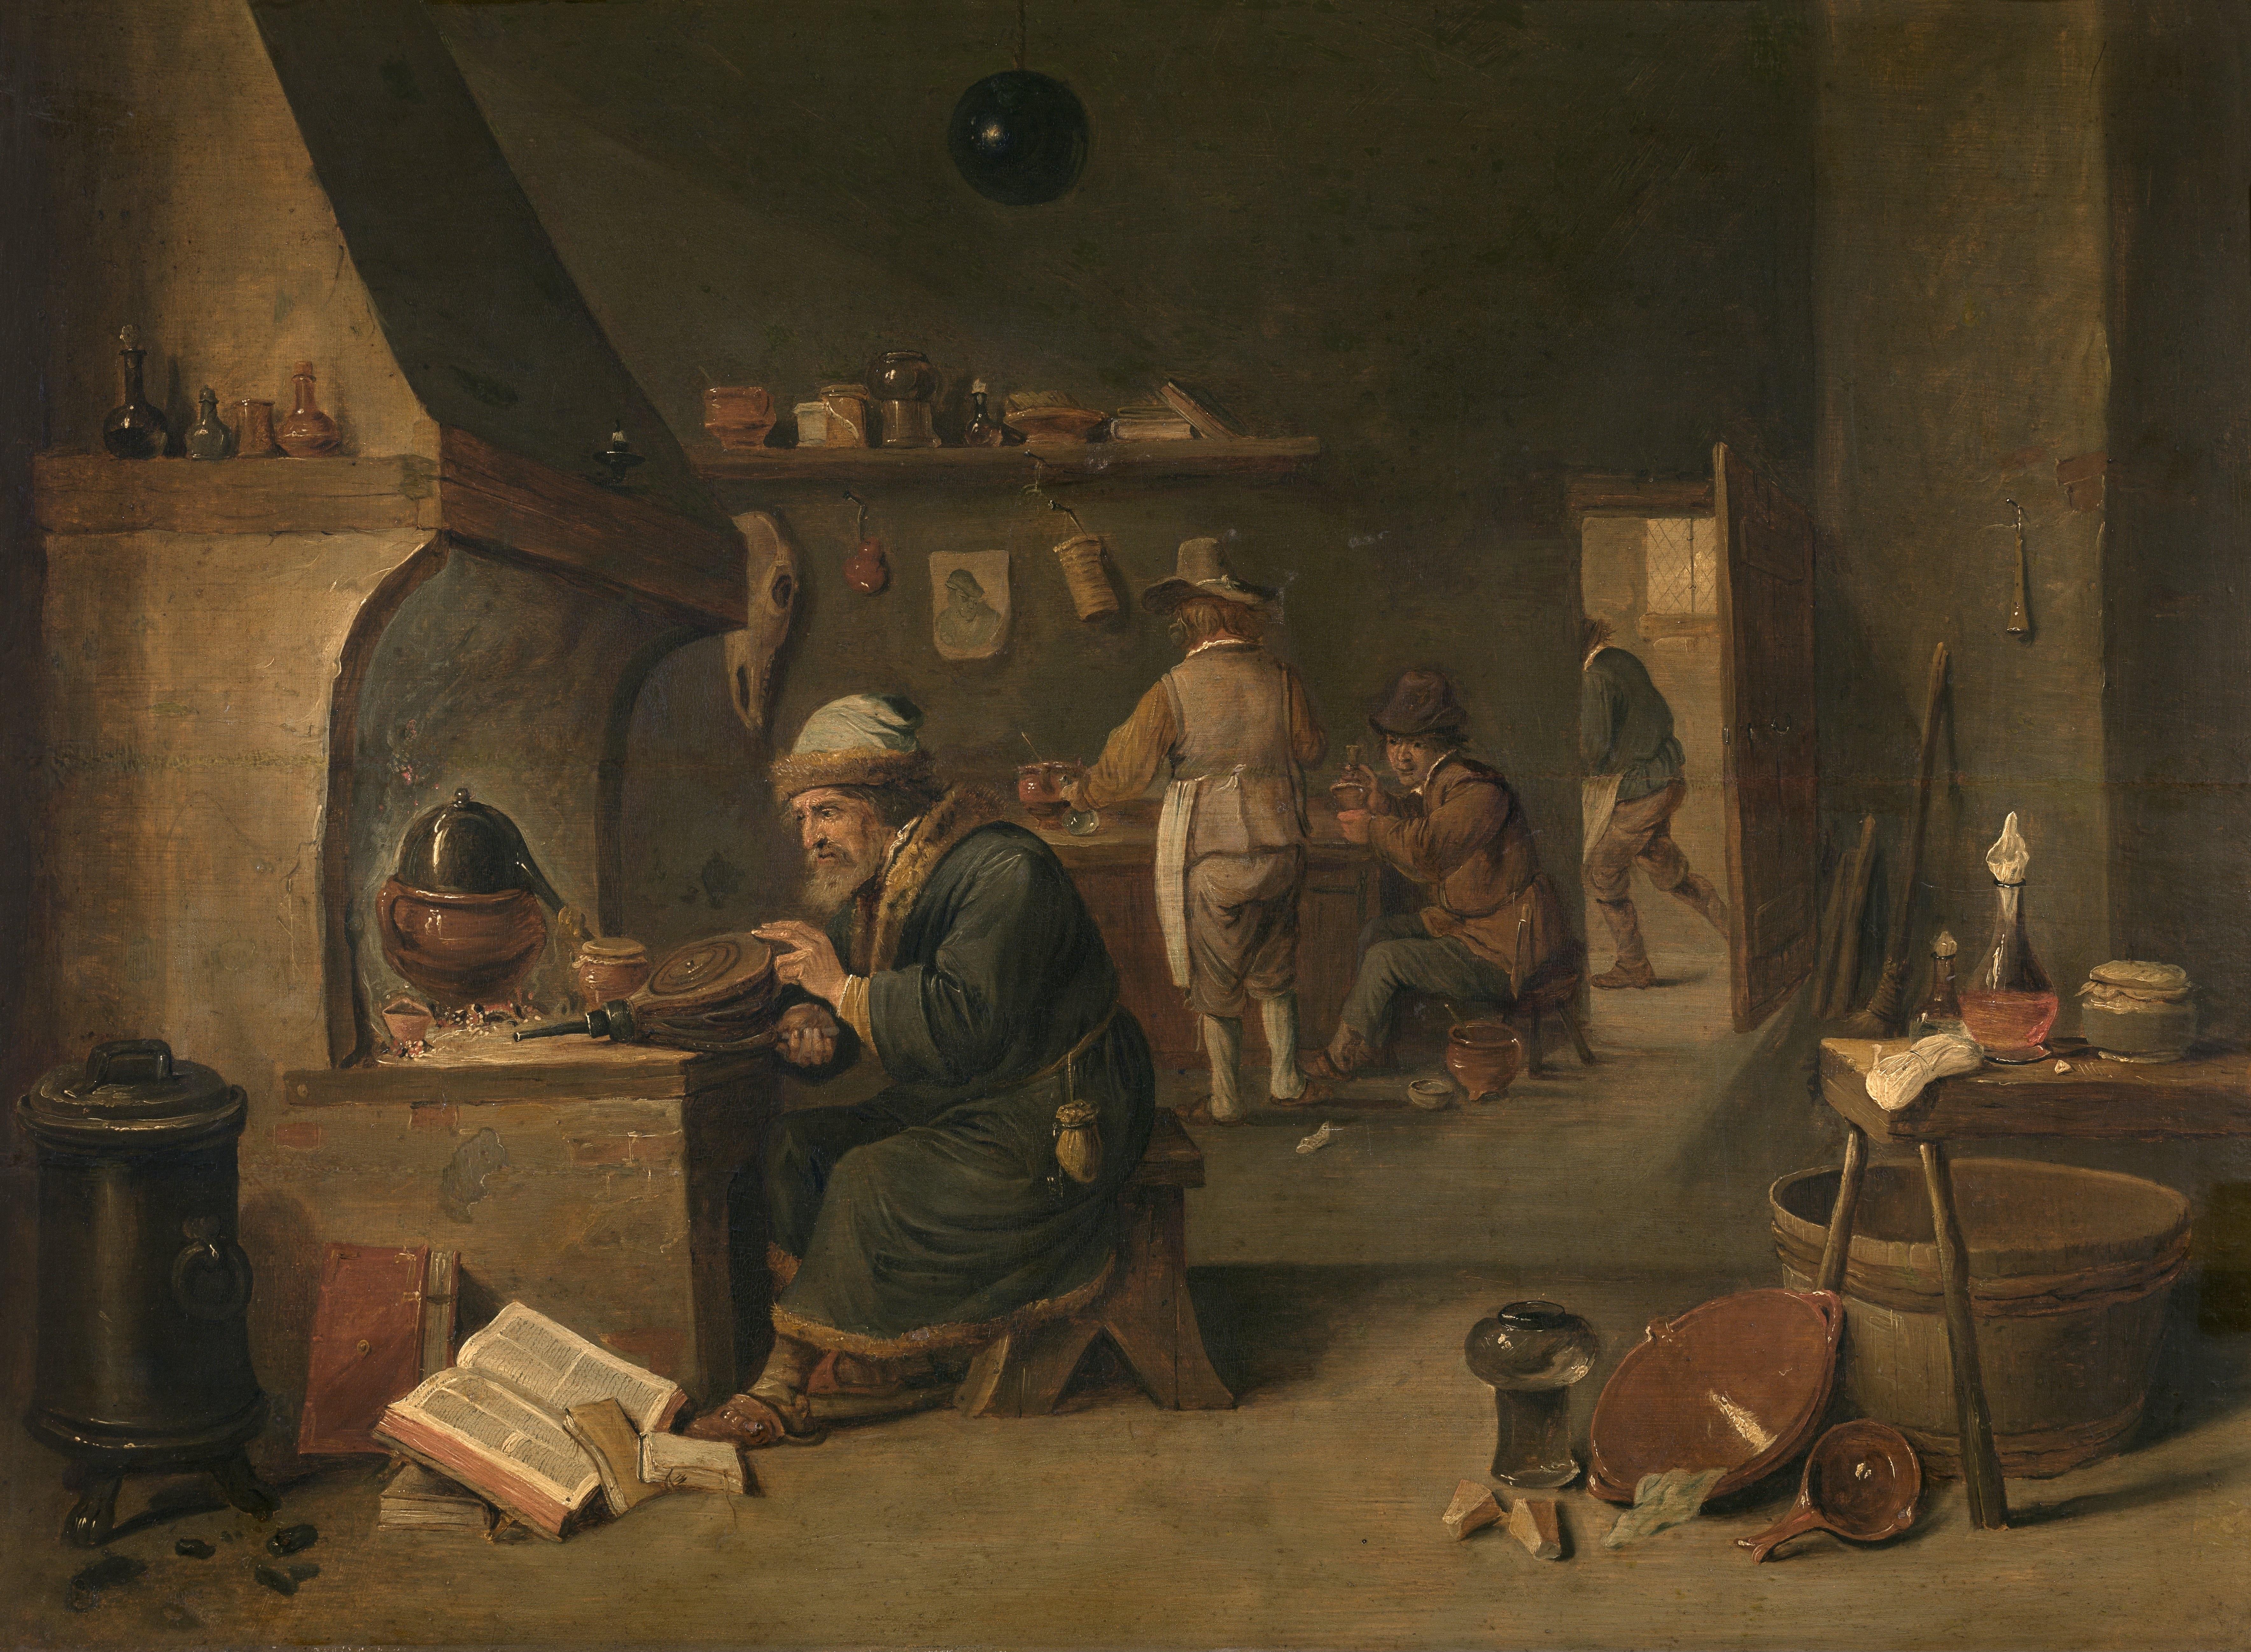 David_Teniers_de_Jonge_-_Alchimist_Royal Museum of Fine Arts Antwerp